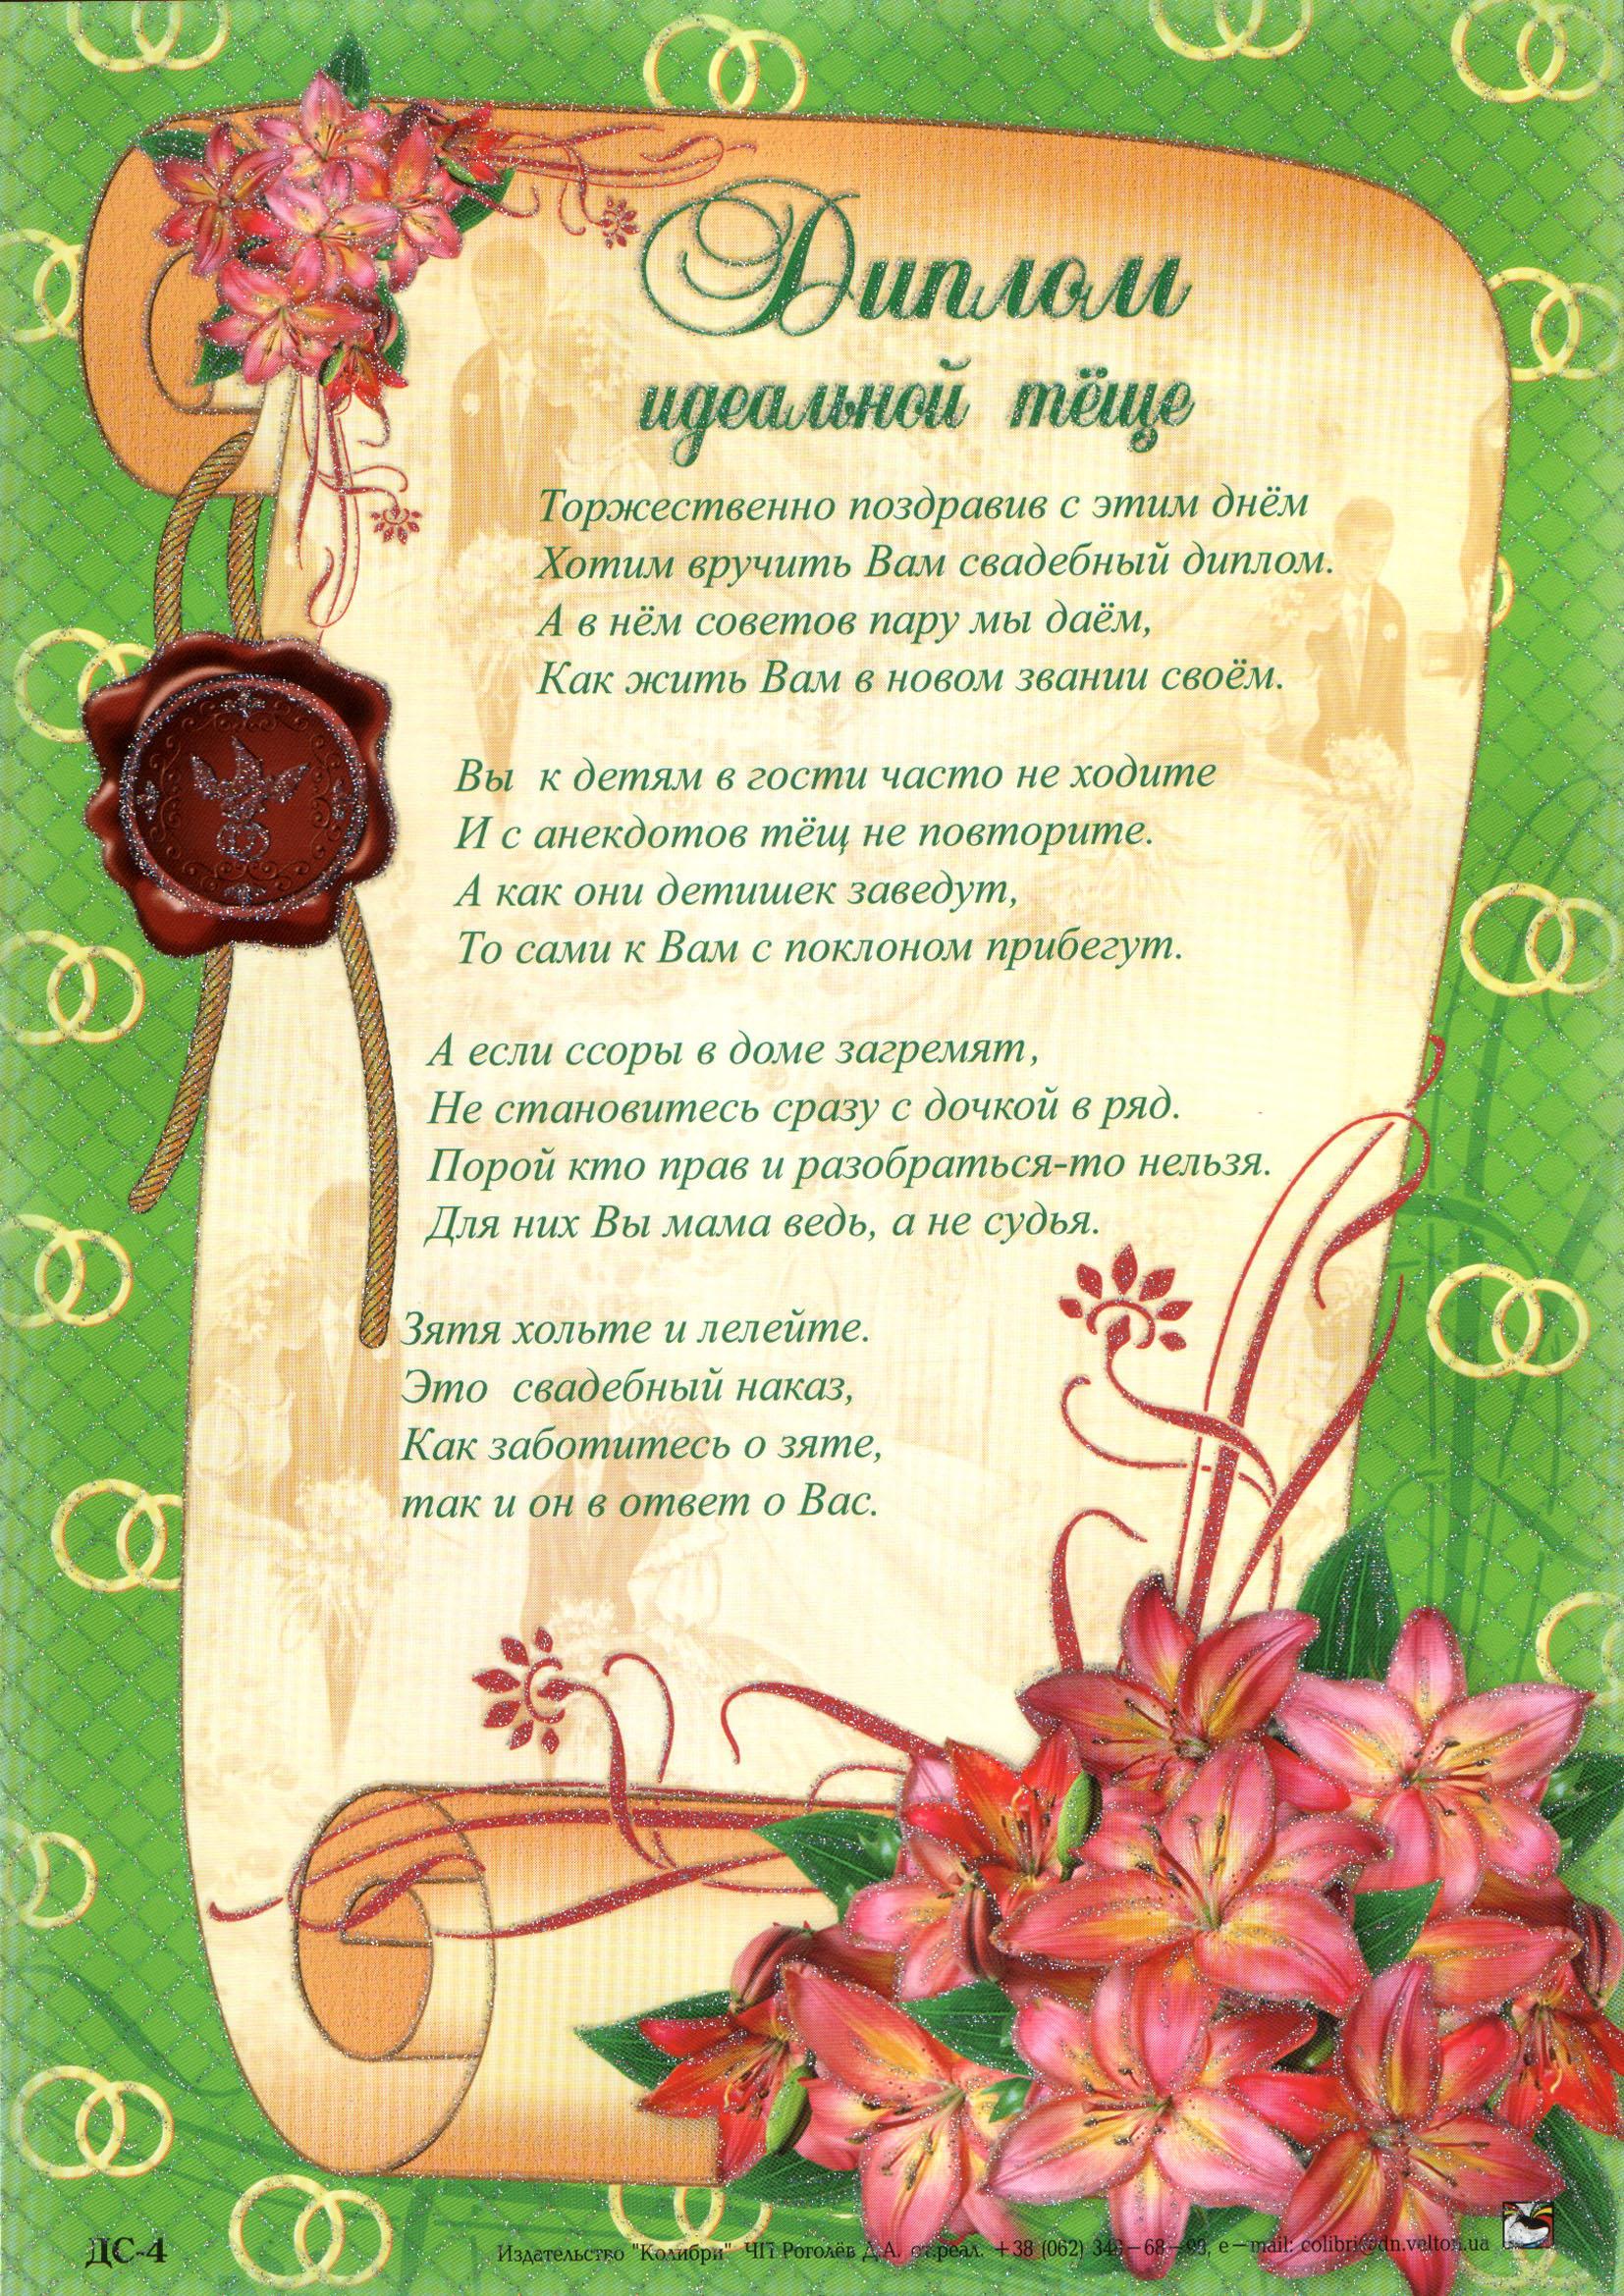 Поздравления с днем рождения свекрови от невестки - Поздравок 68